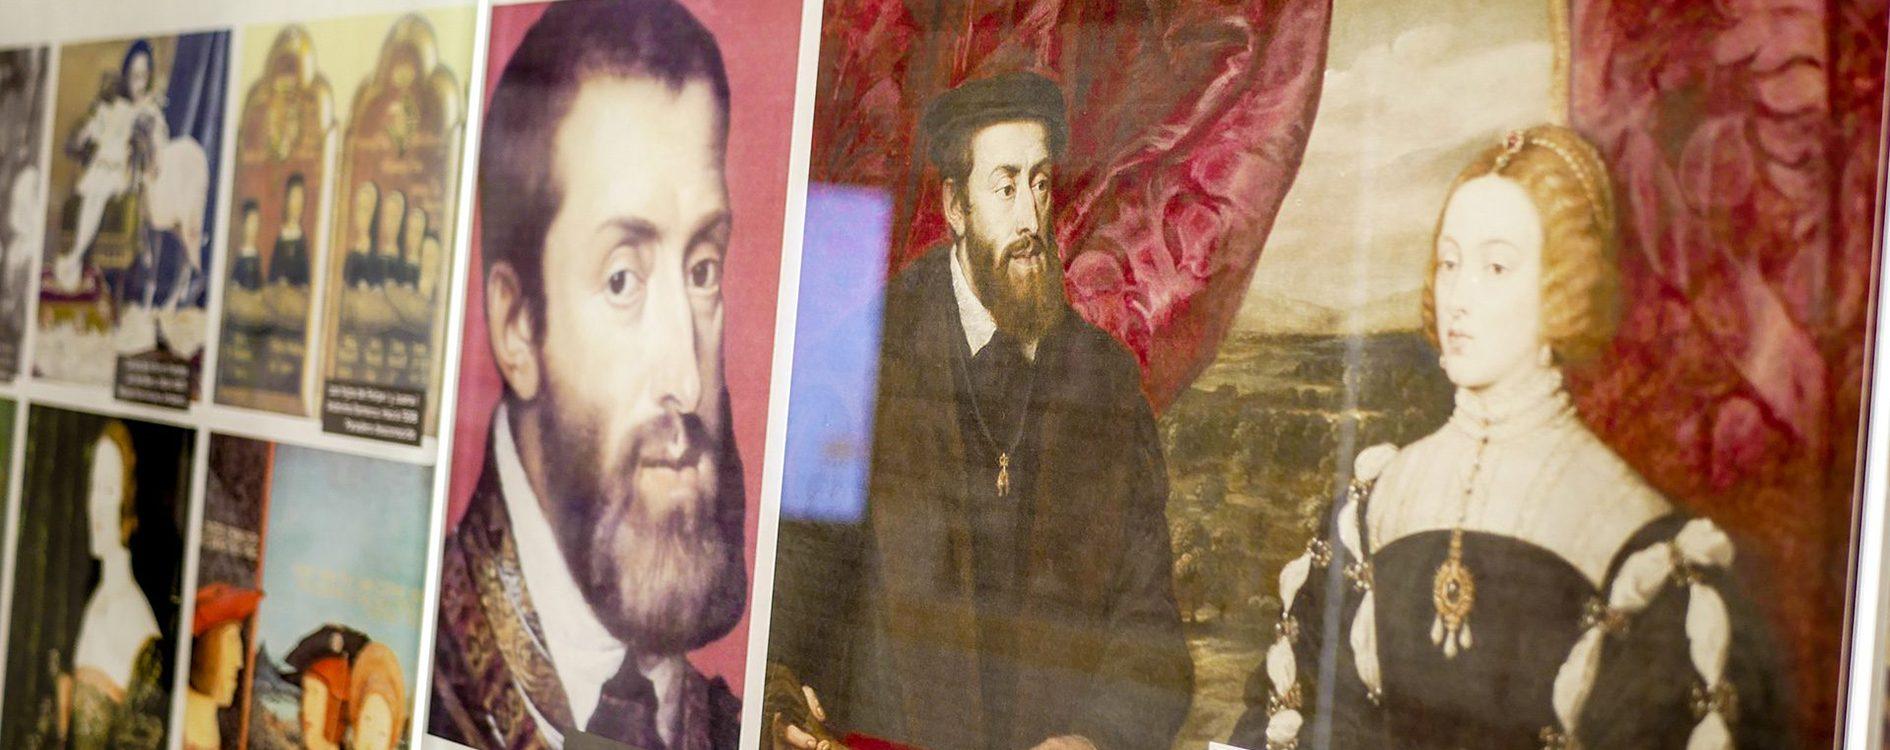 OHVisual - Contract - Audiovisuales Museo Carlos V - Ayuntamiento de Mojados